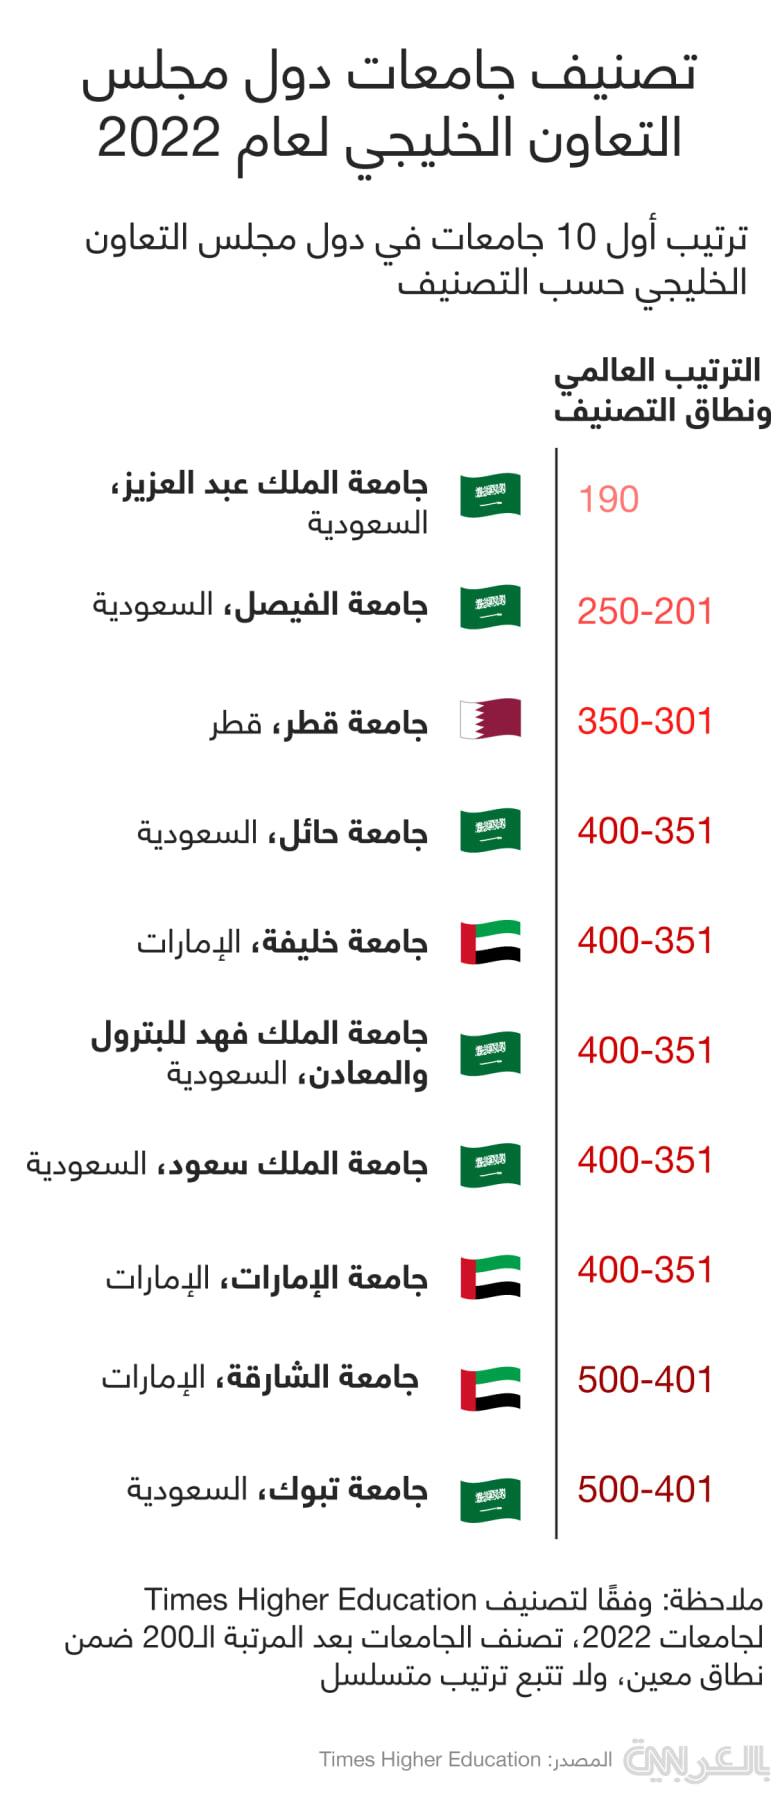 GCC-universities-top-10-2022